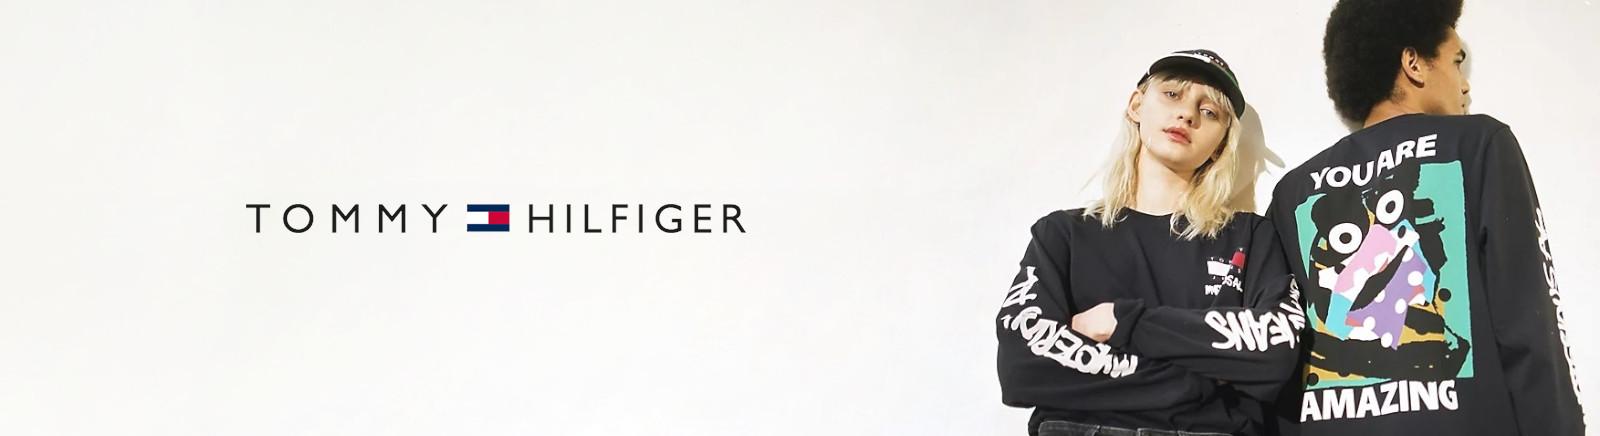 Tommy Hilfiger Markenschuhe online kaufen im GISY Schuhe Shop